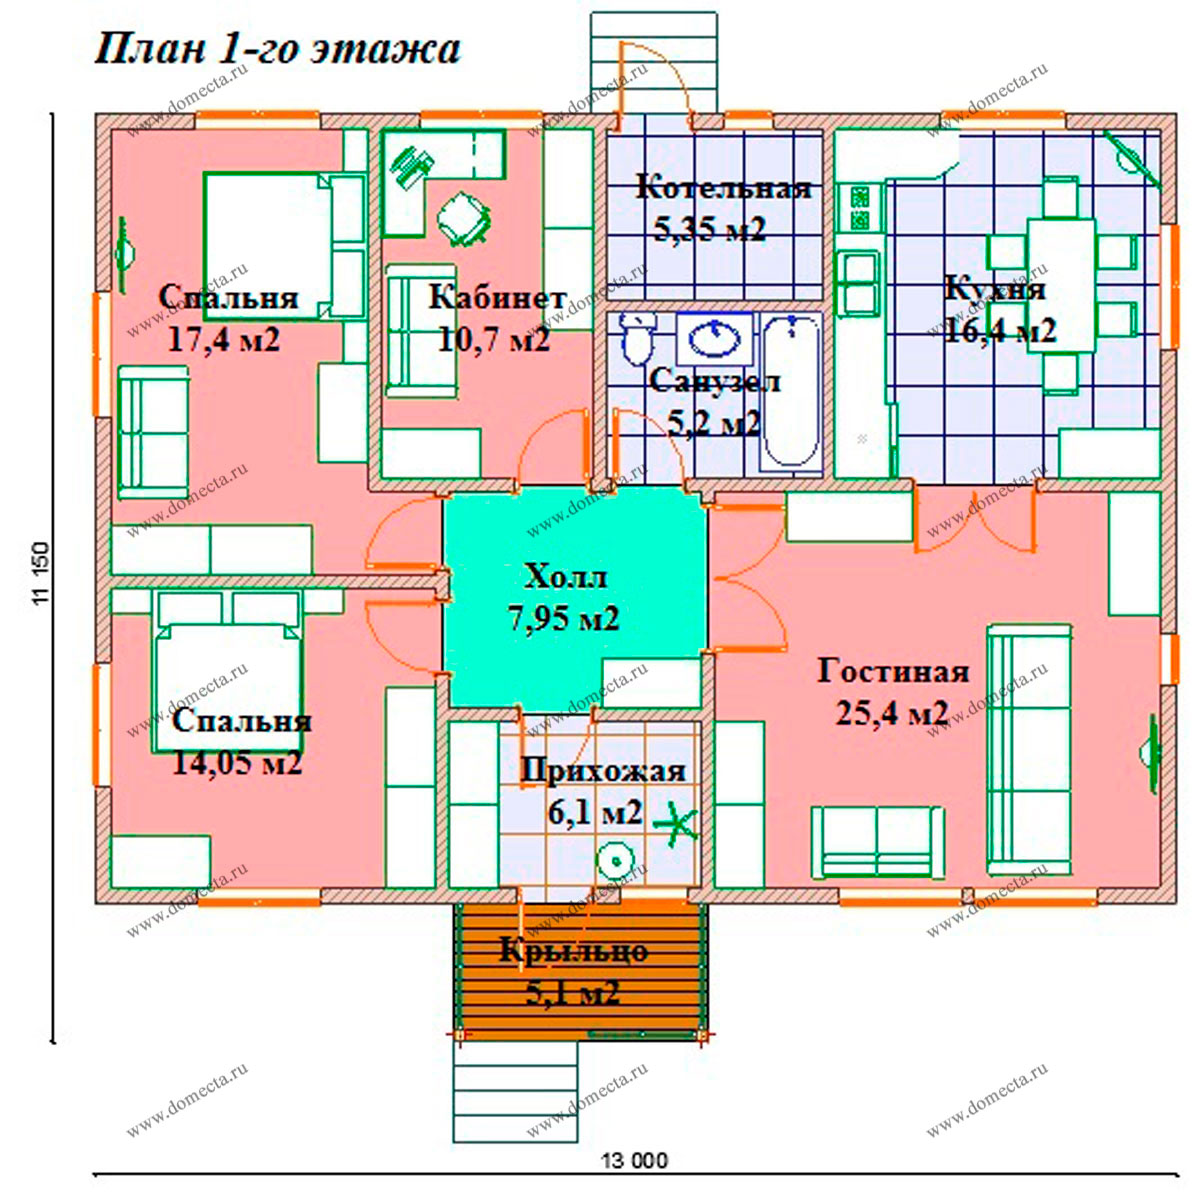 Одноэтажный дом 129 м2. План 1-го этажа